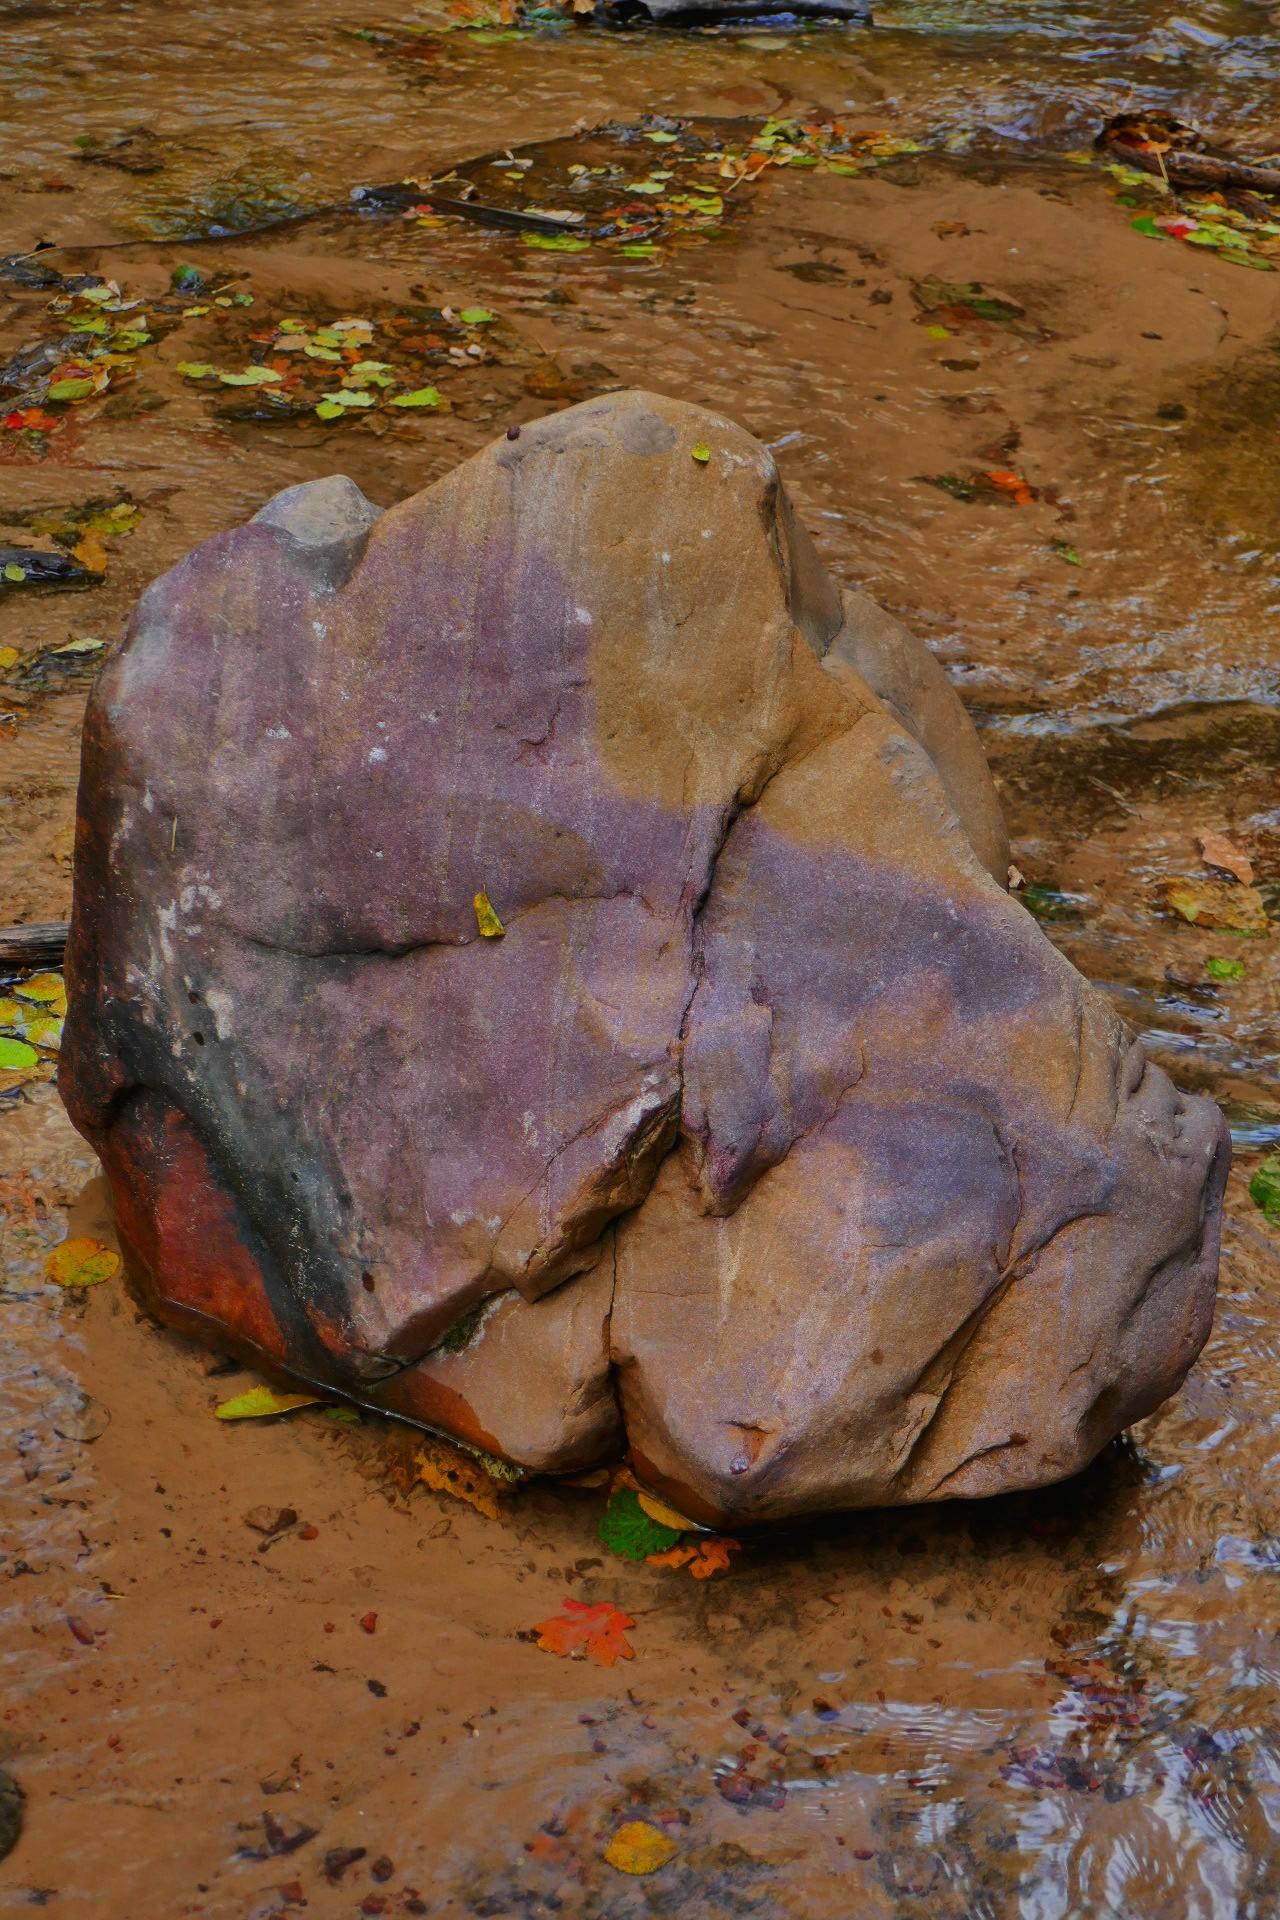 Multicouleur cette pierre dans le ruisseau